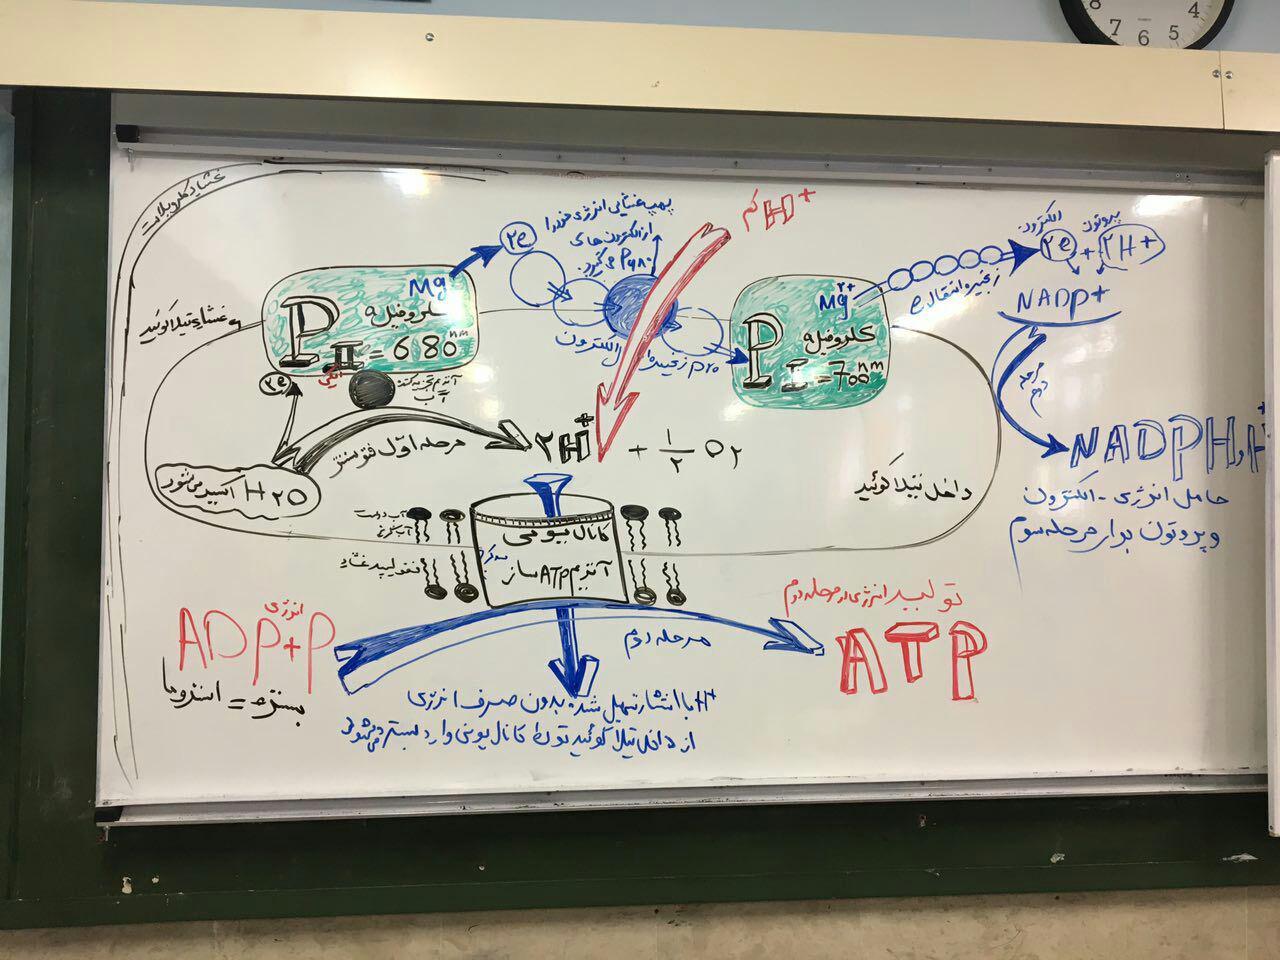 دانلود کلاس آنلاین فصل شارش انرژی دکتر عمارلو